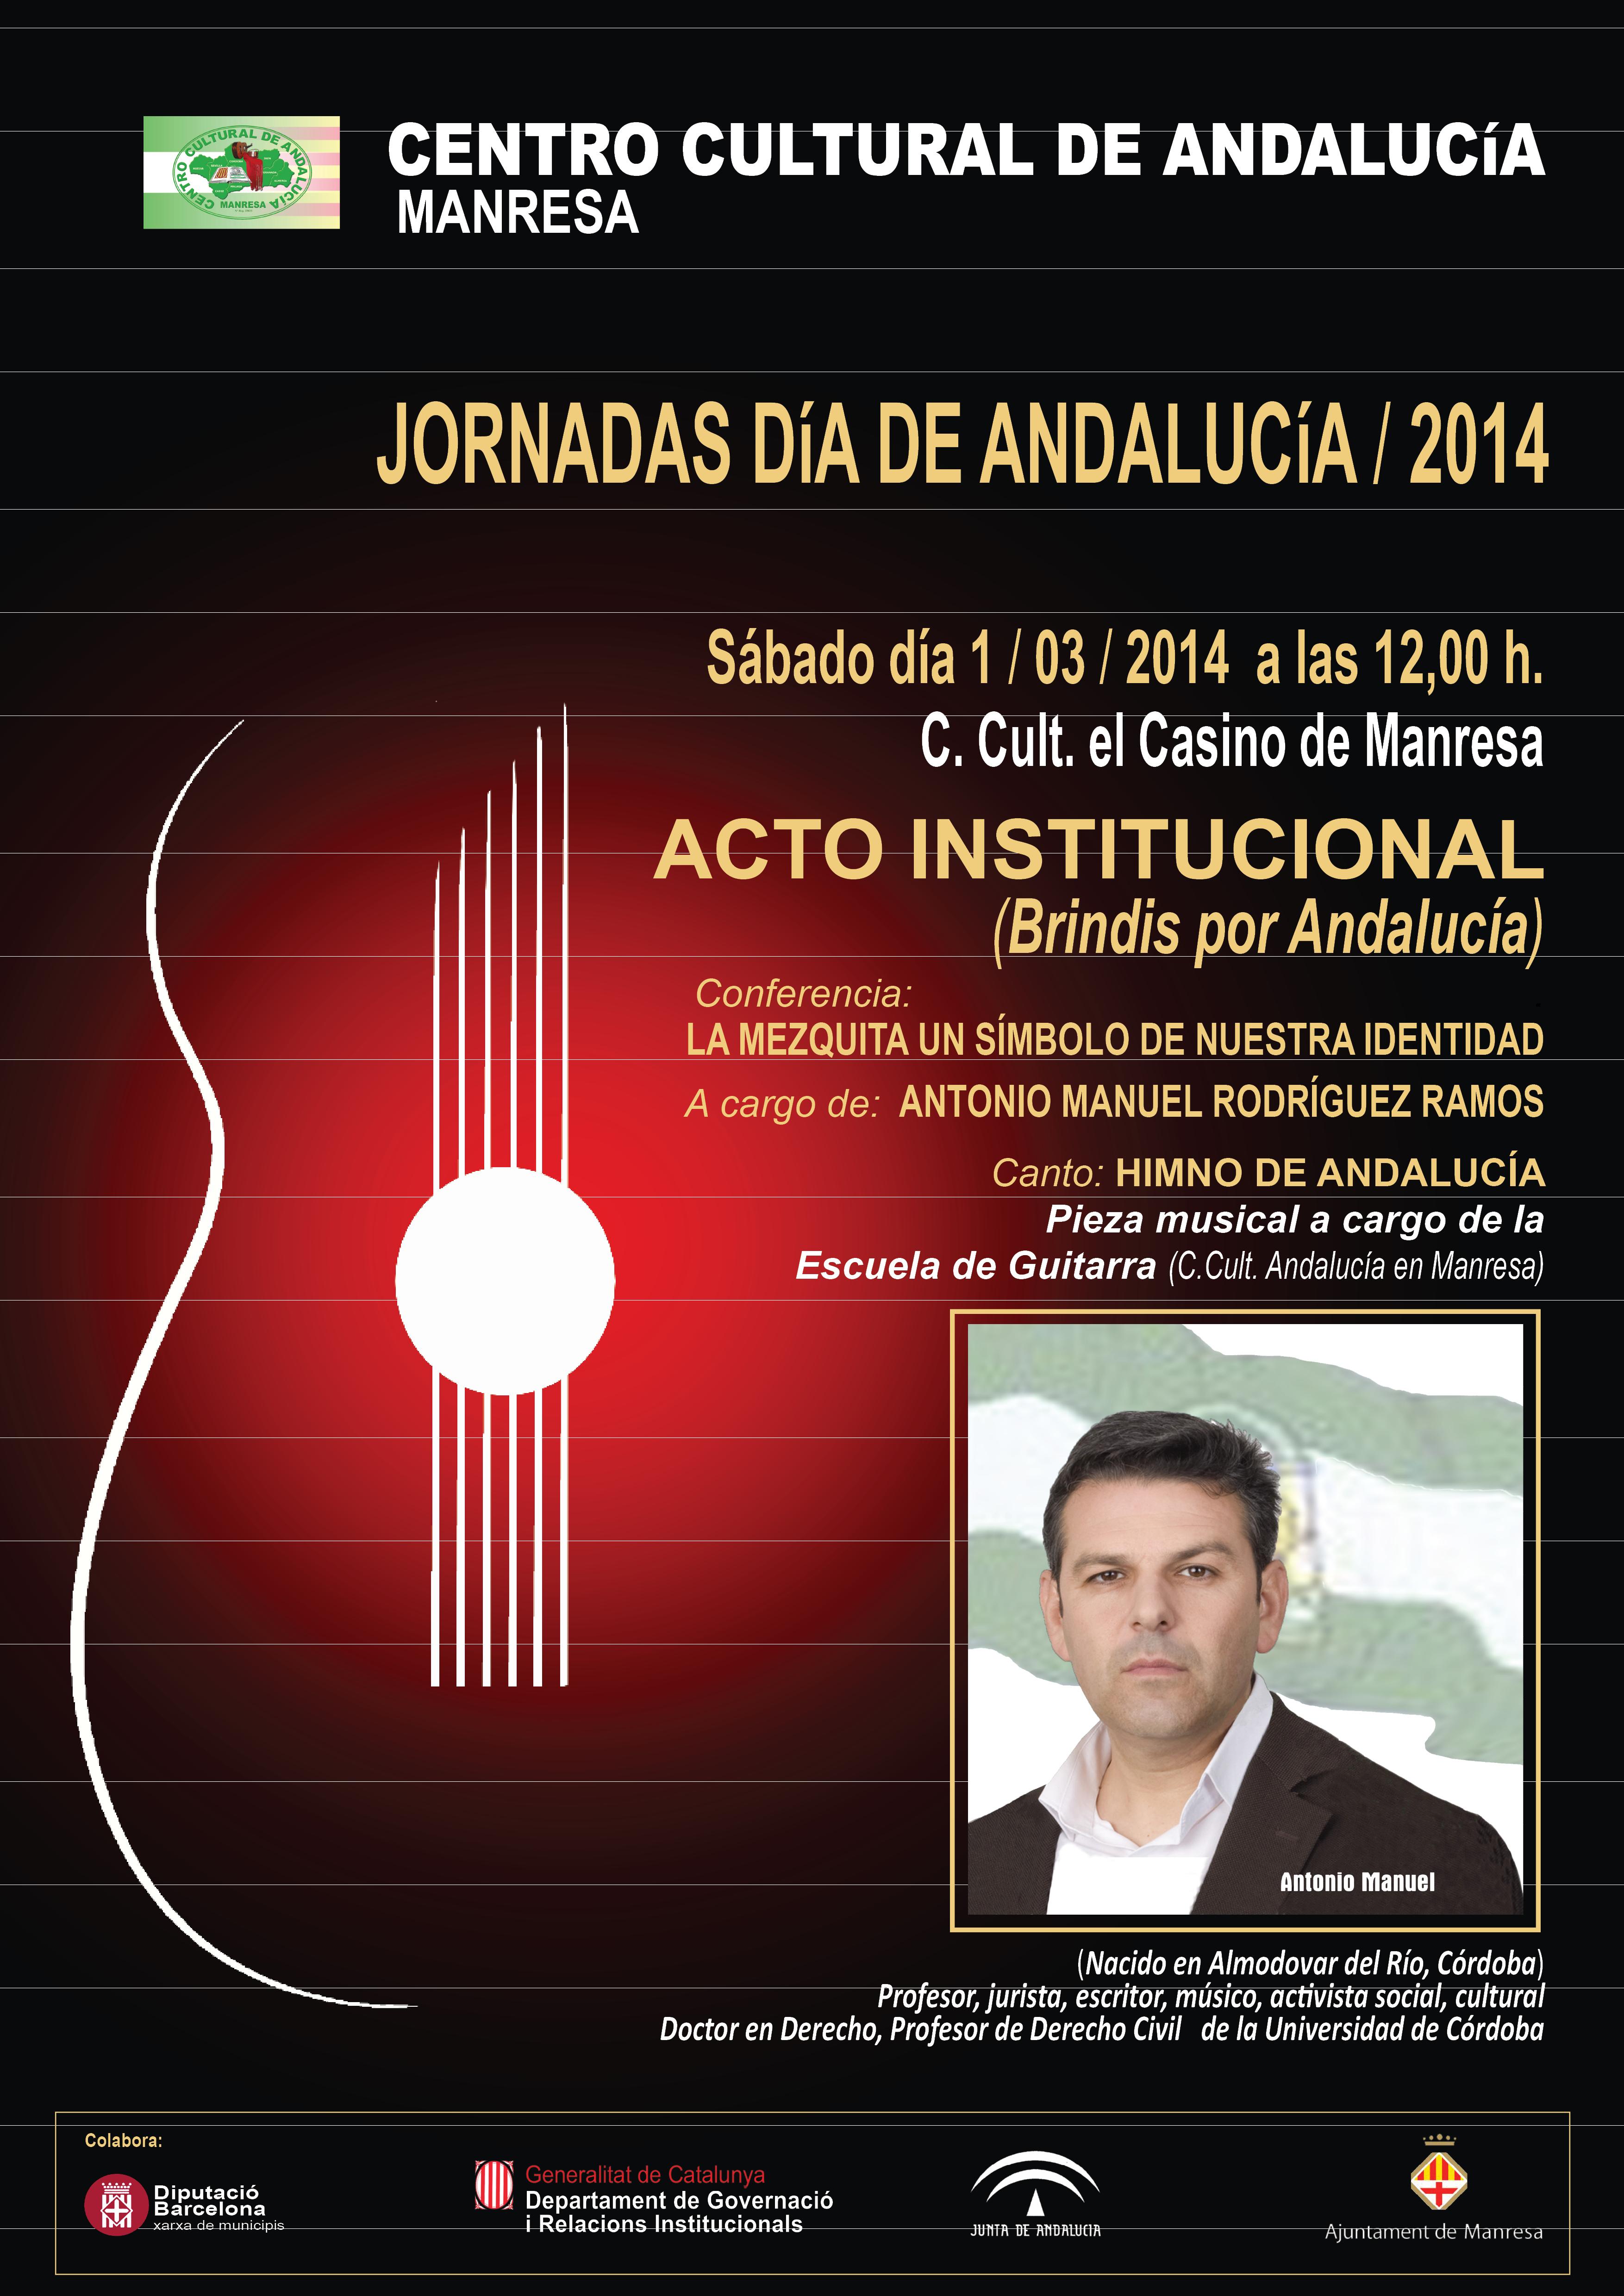 ACTO INSTITUCIONAL DIA DE ANDALUCIA-2014